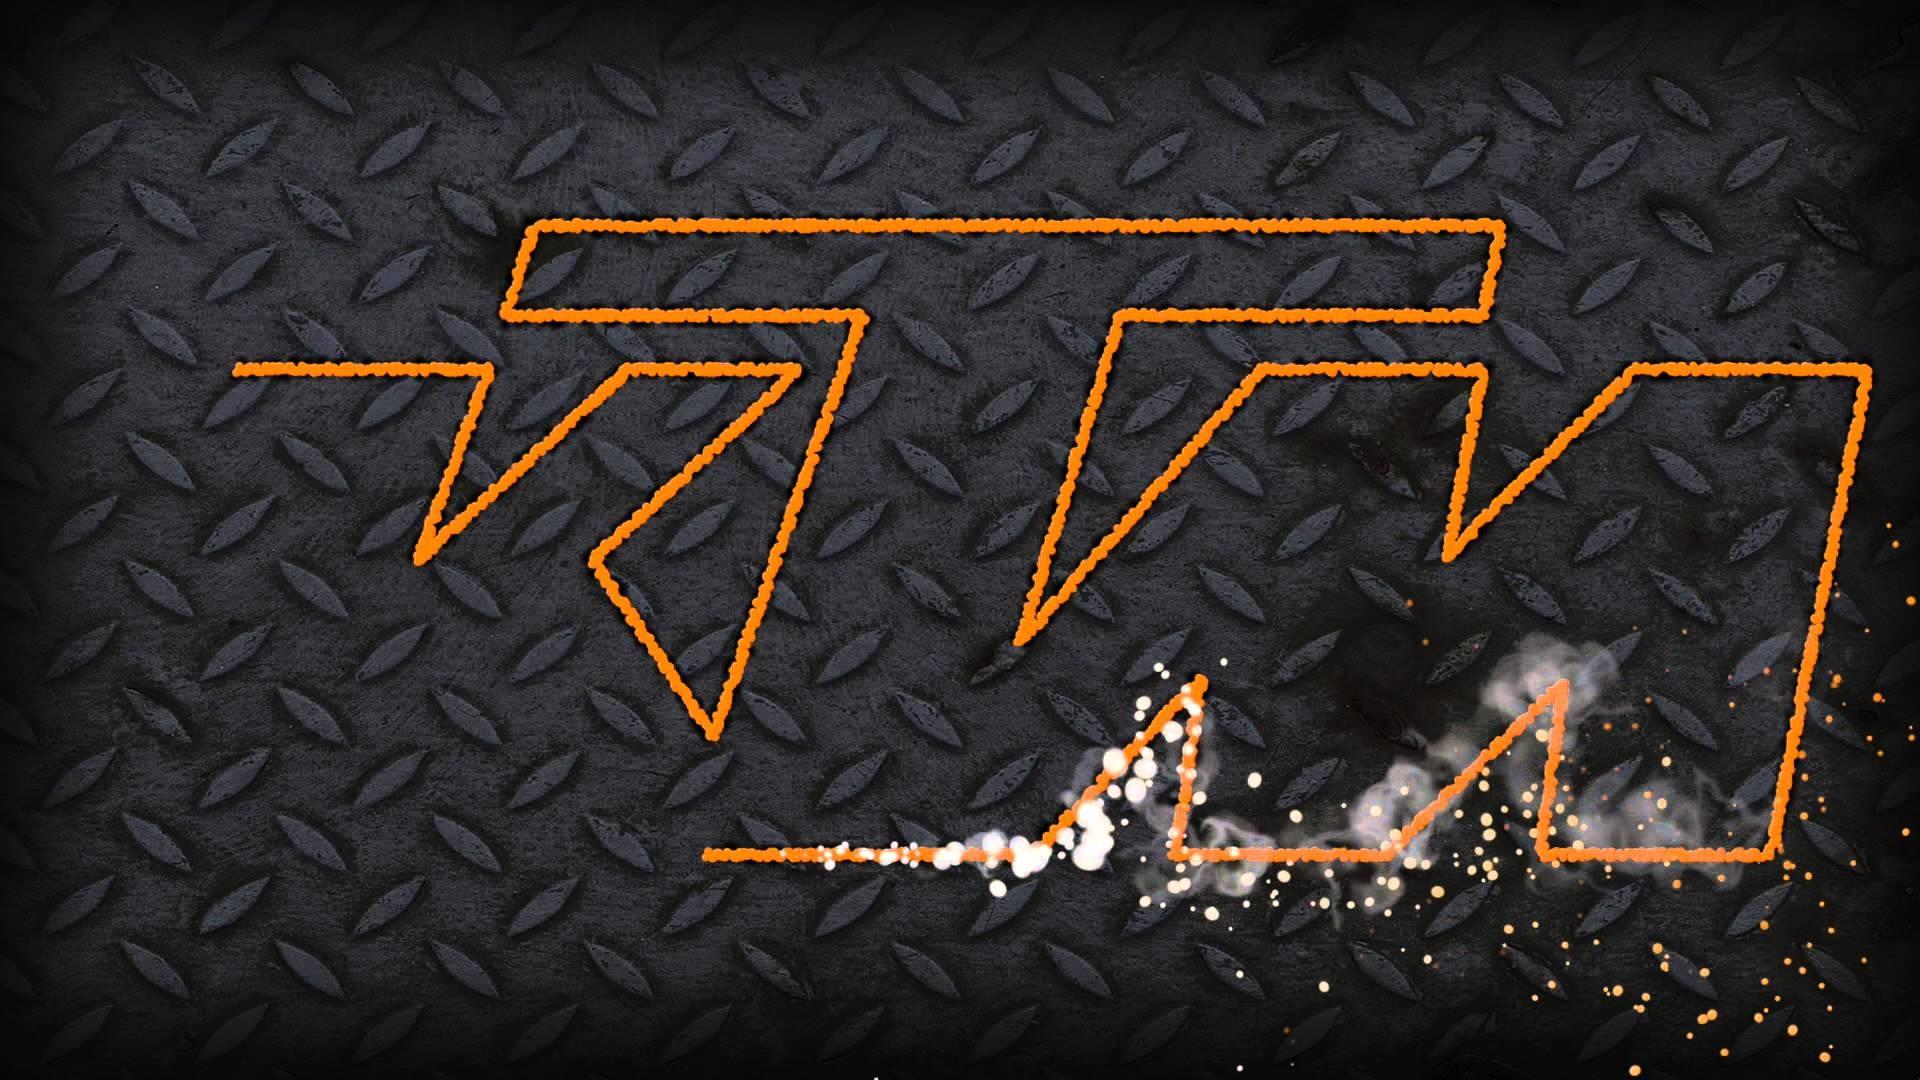 Ktm Logo Wallpaper 72 Images